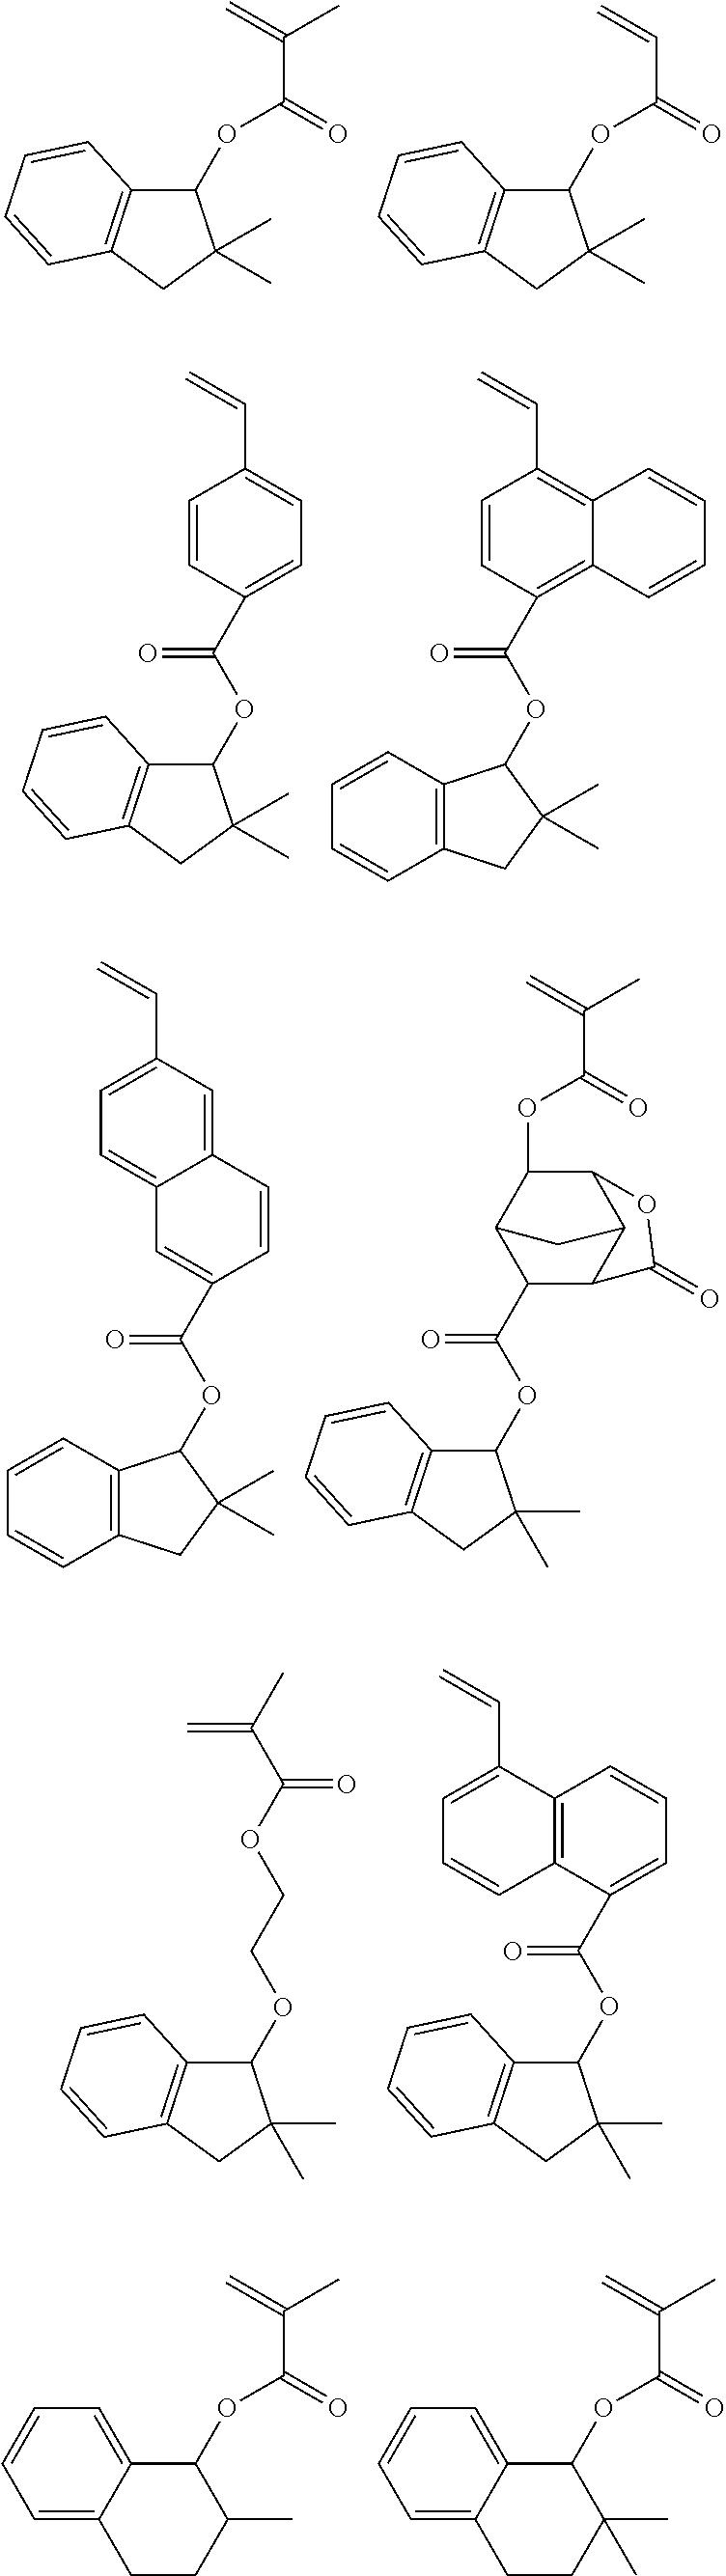 Figure US09023586-20150505-C00057